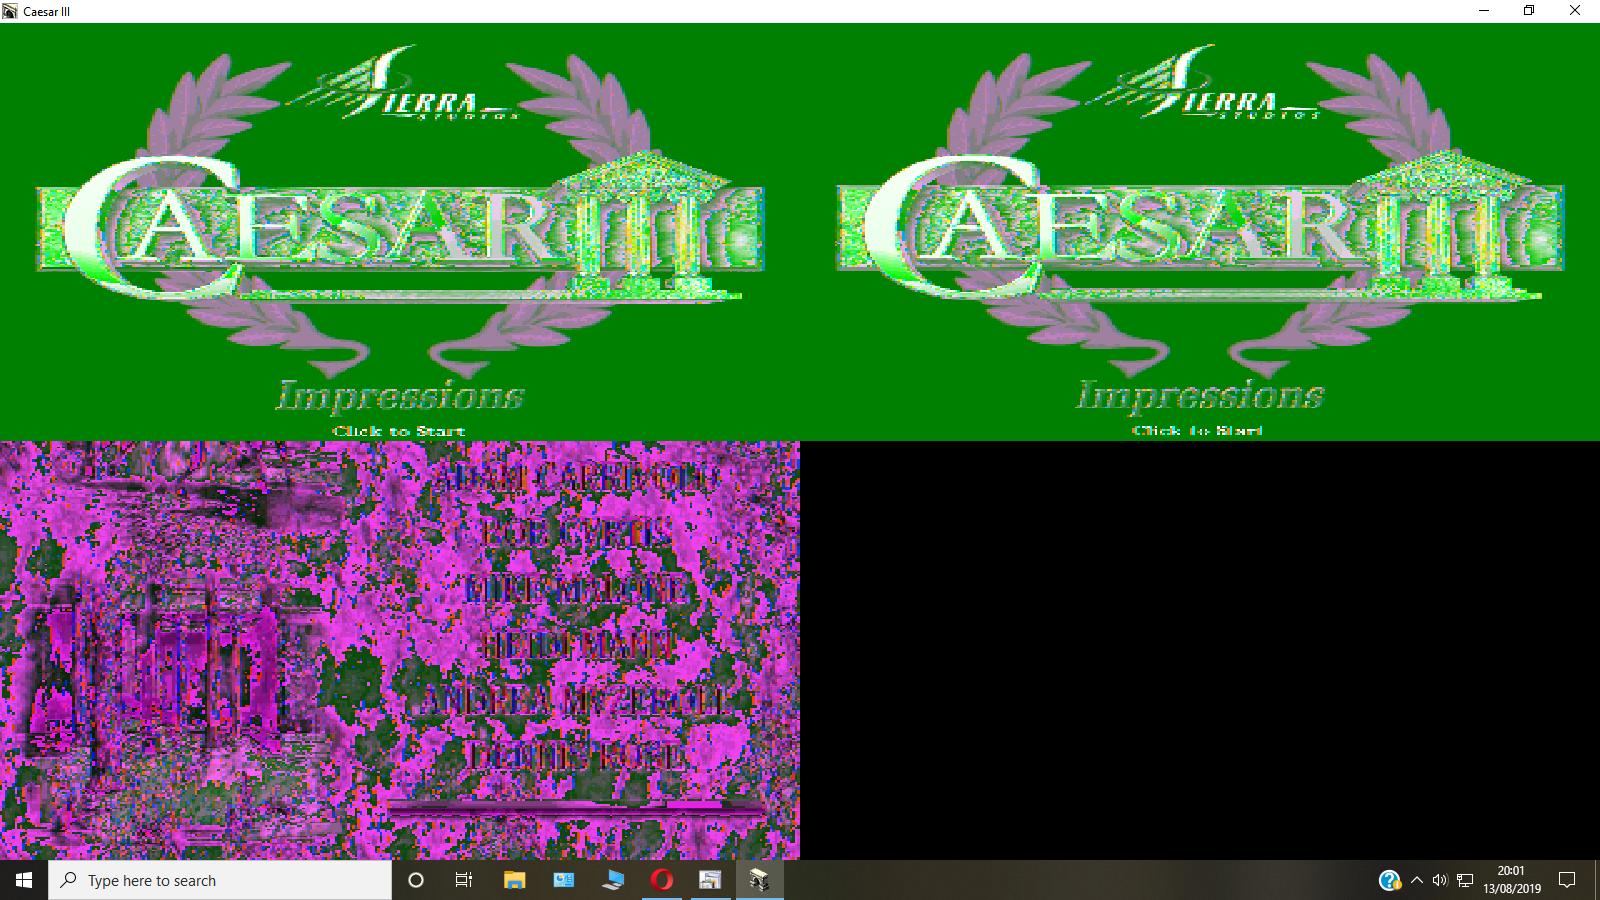 PC Game Caesar 3 Has Gone Weird! cf9e2f28-9e52-4cb3-aa14-15af7637ec22?upload=true.png